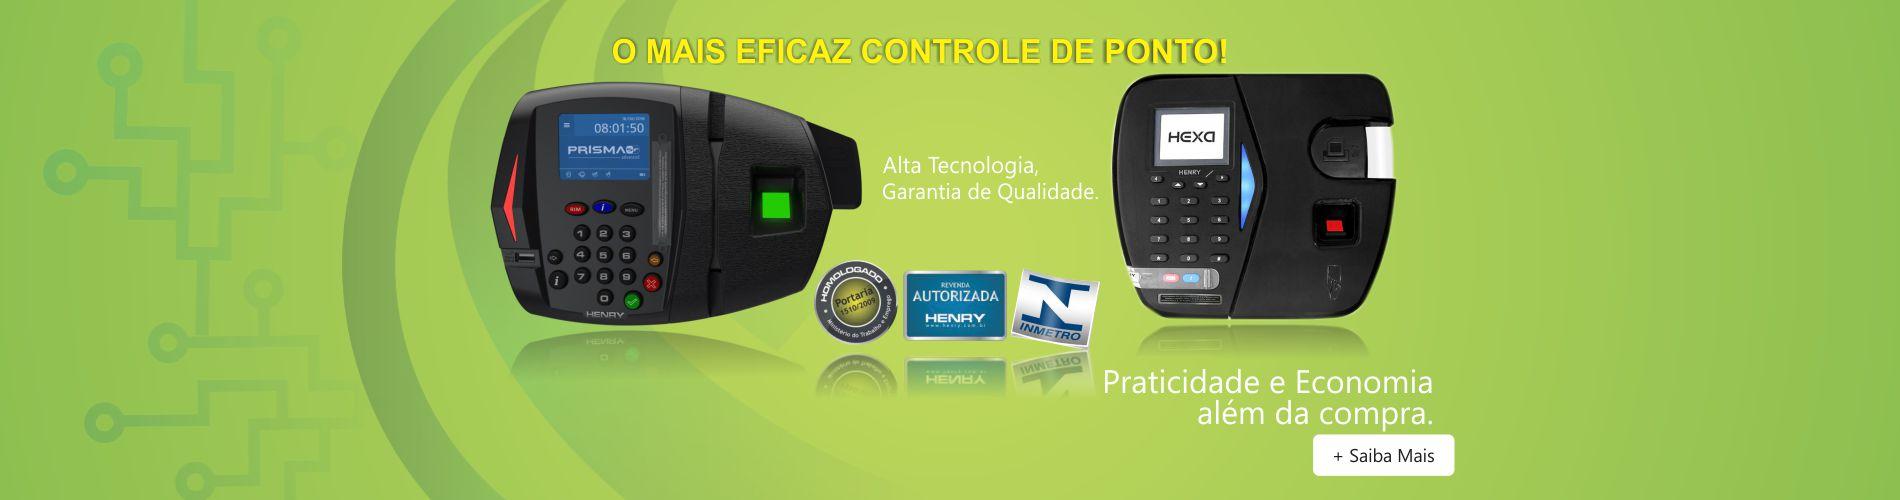 slide-CONTROLE-DE-PONTO-mar_17